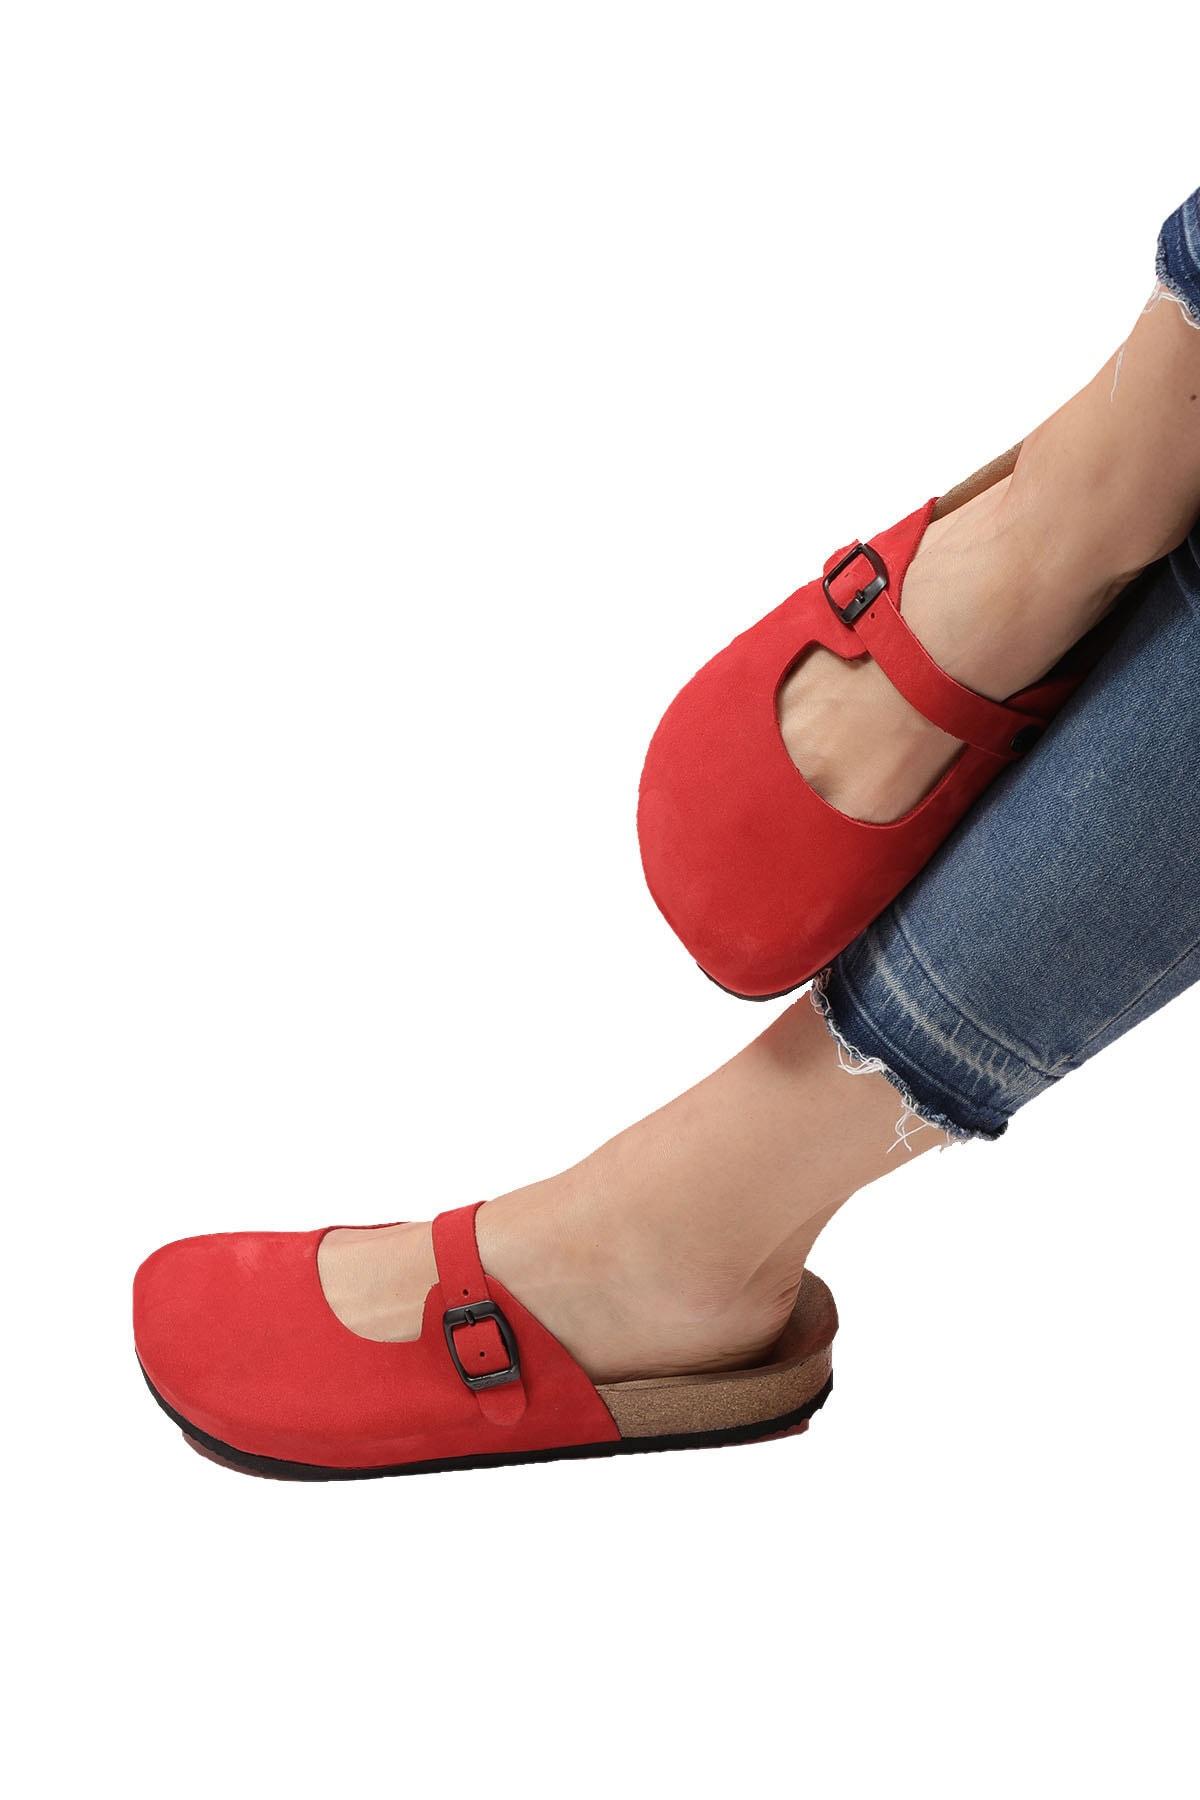 Bequemere Tara Mantar Tabanlı Hakiki Deri Kapalı Model Ortopedik Kadın Terlik